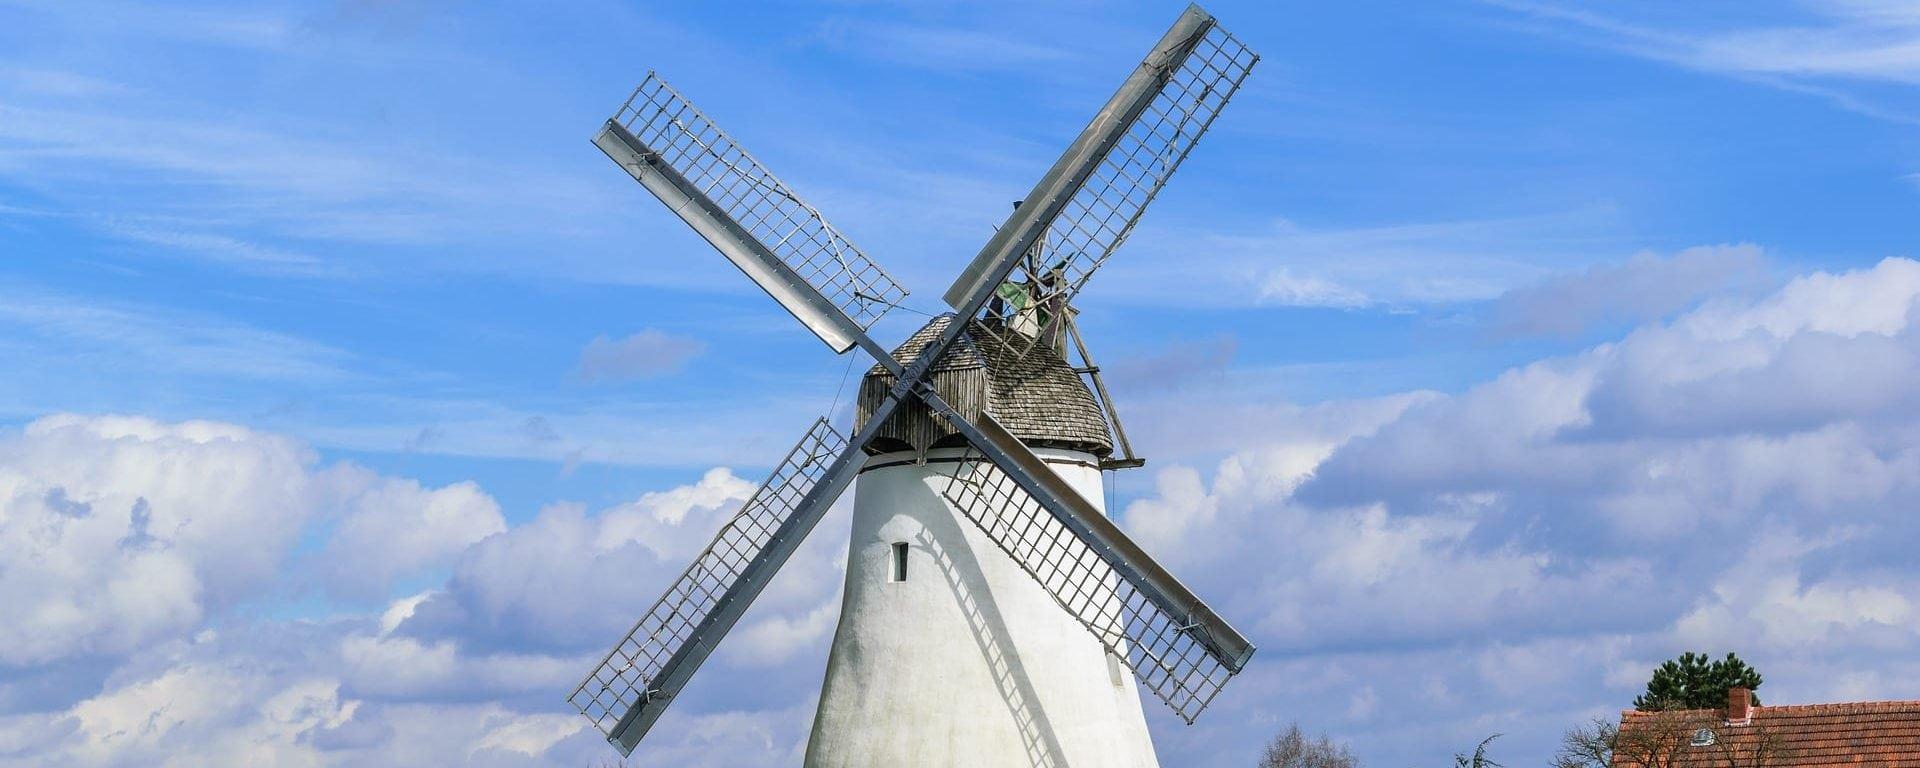 Windmuehle